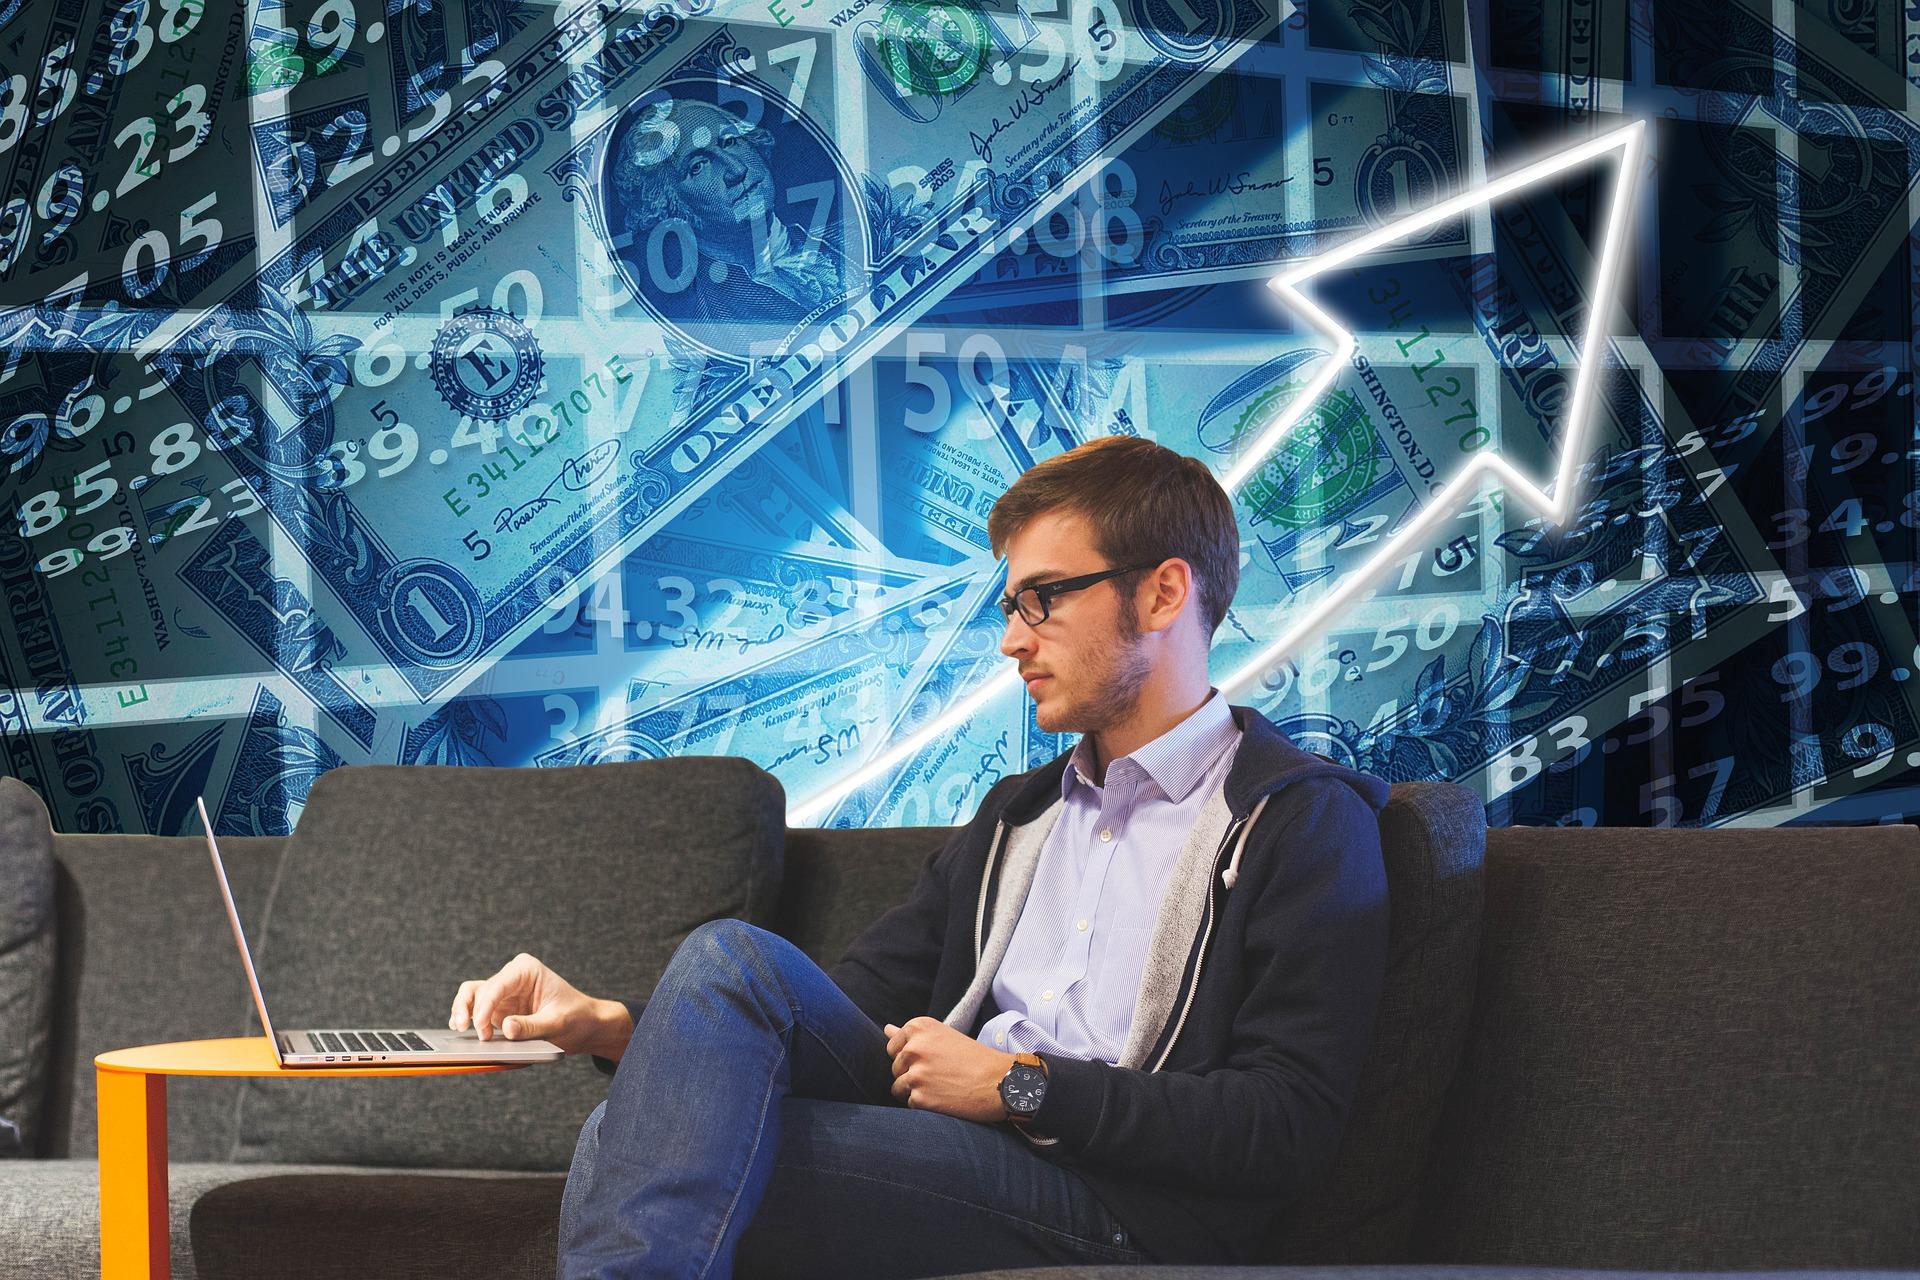 Vemos um home olhando para um computador com imagens de gráficos e dinheiro atrás dele (imagem ilustrativa). Texto: abrir negócio de forma descomplicada.